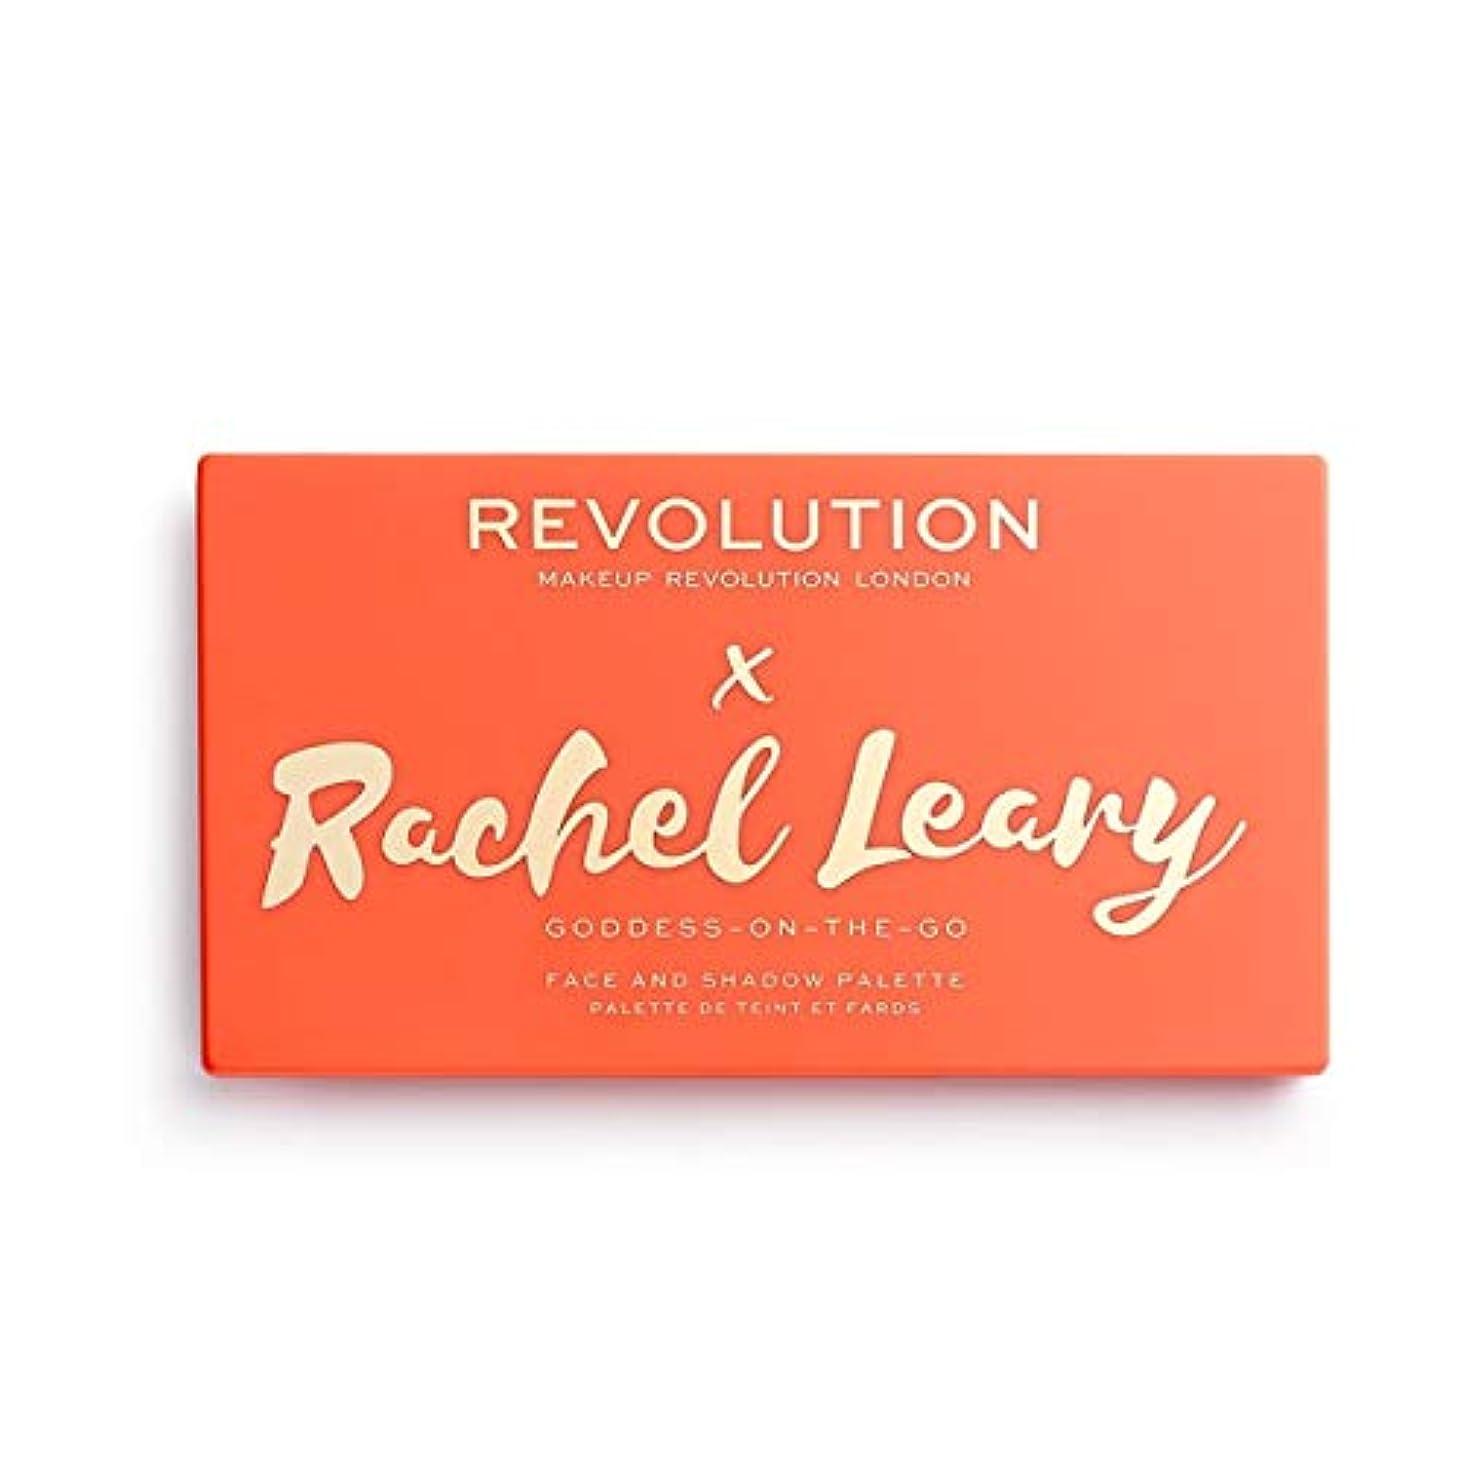 政治的極めておばあさんメイクアップレボリューション ORIGINAL Revolution x Rachel Leary Goddess On The Go Palette 13色アイシャドウパレット REVOLUTION